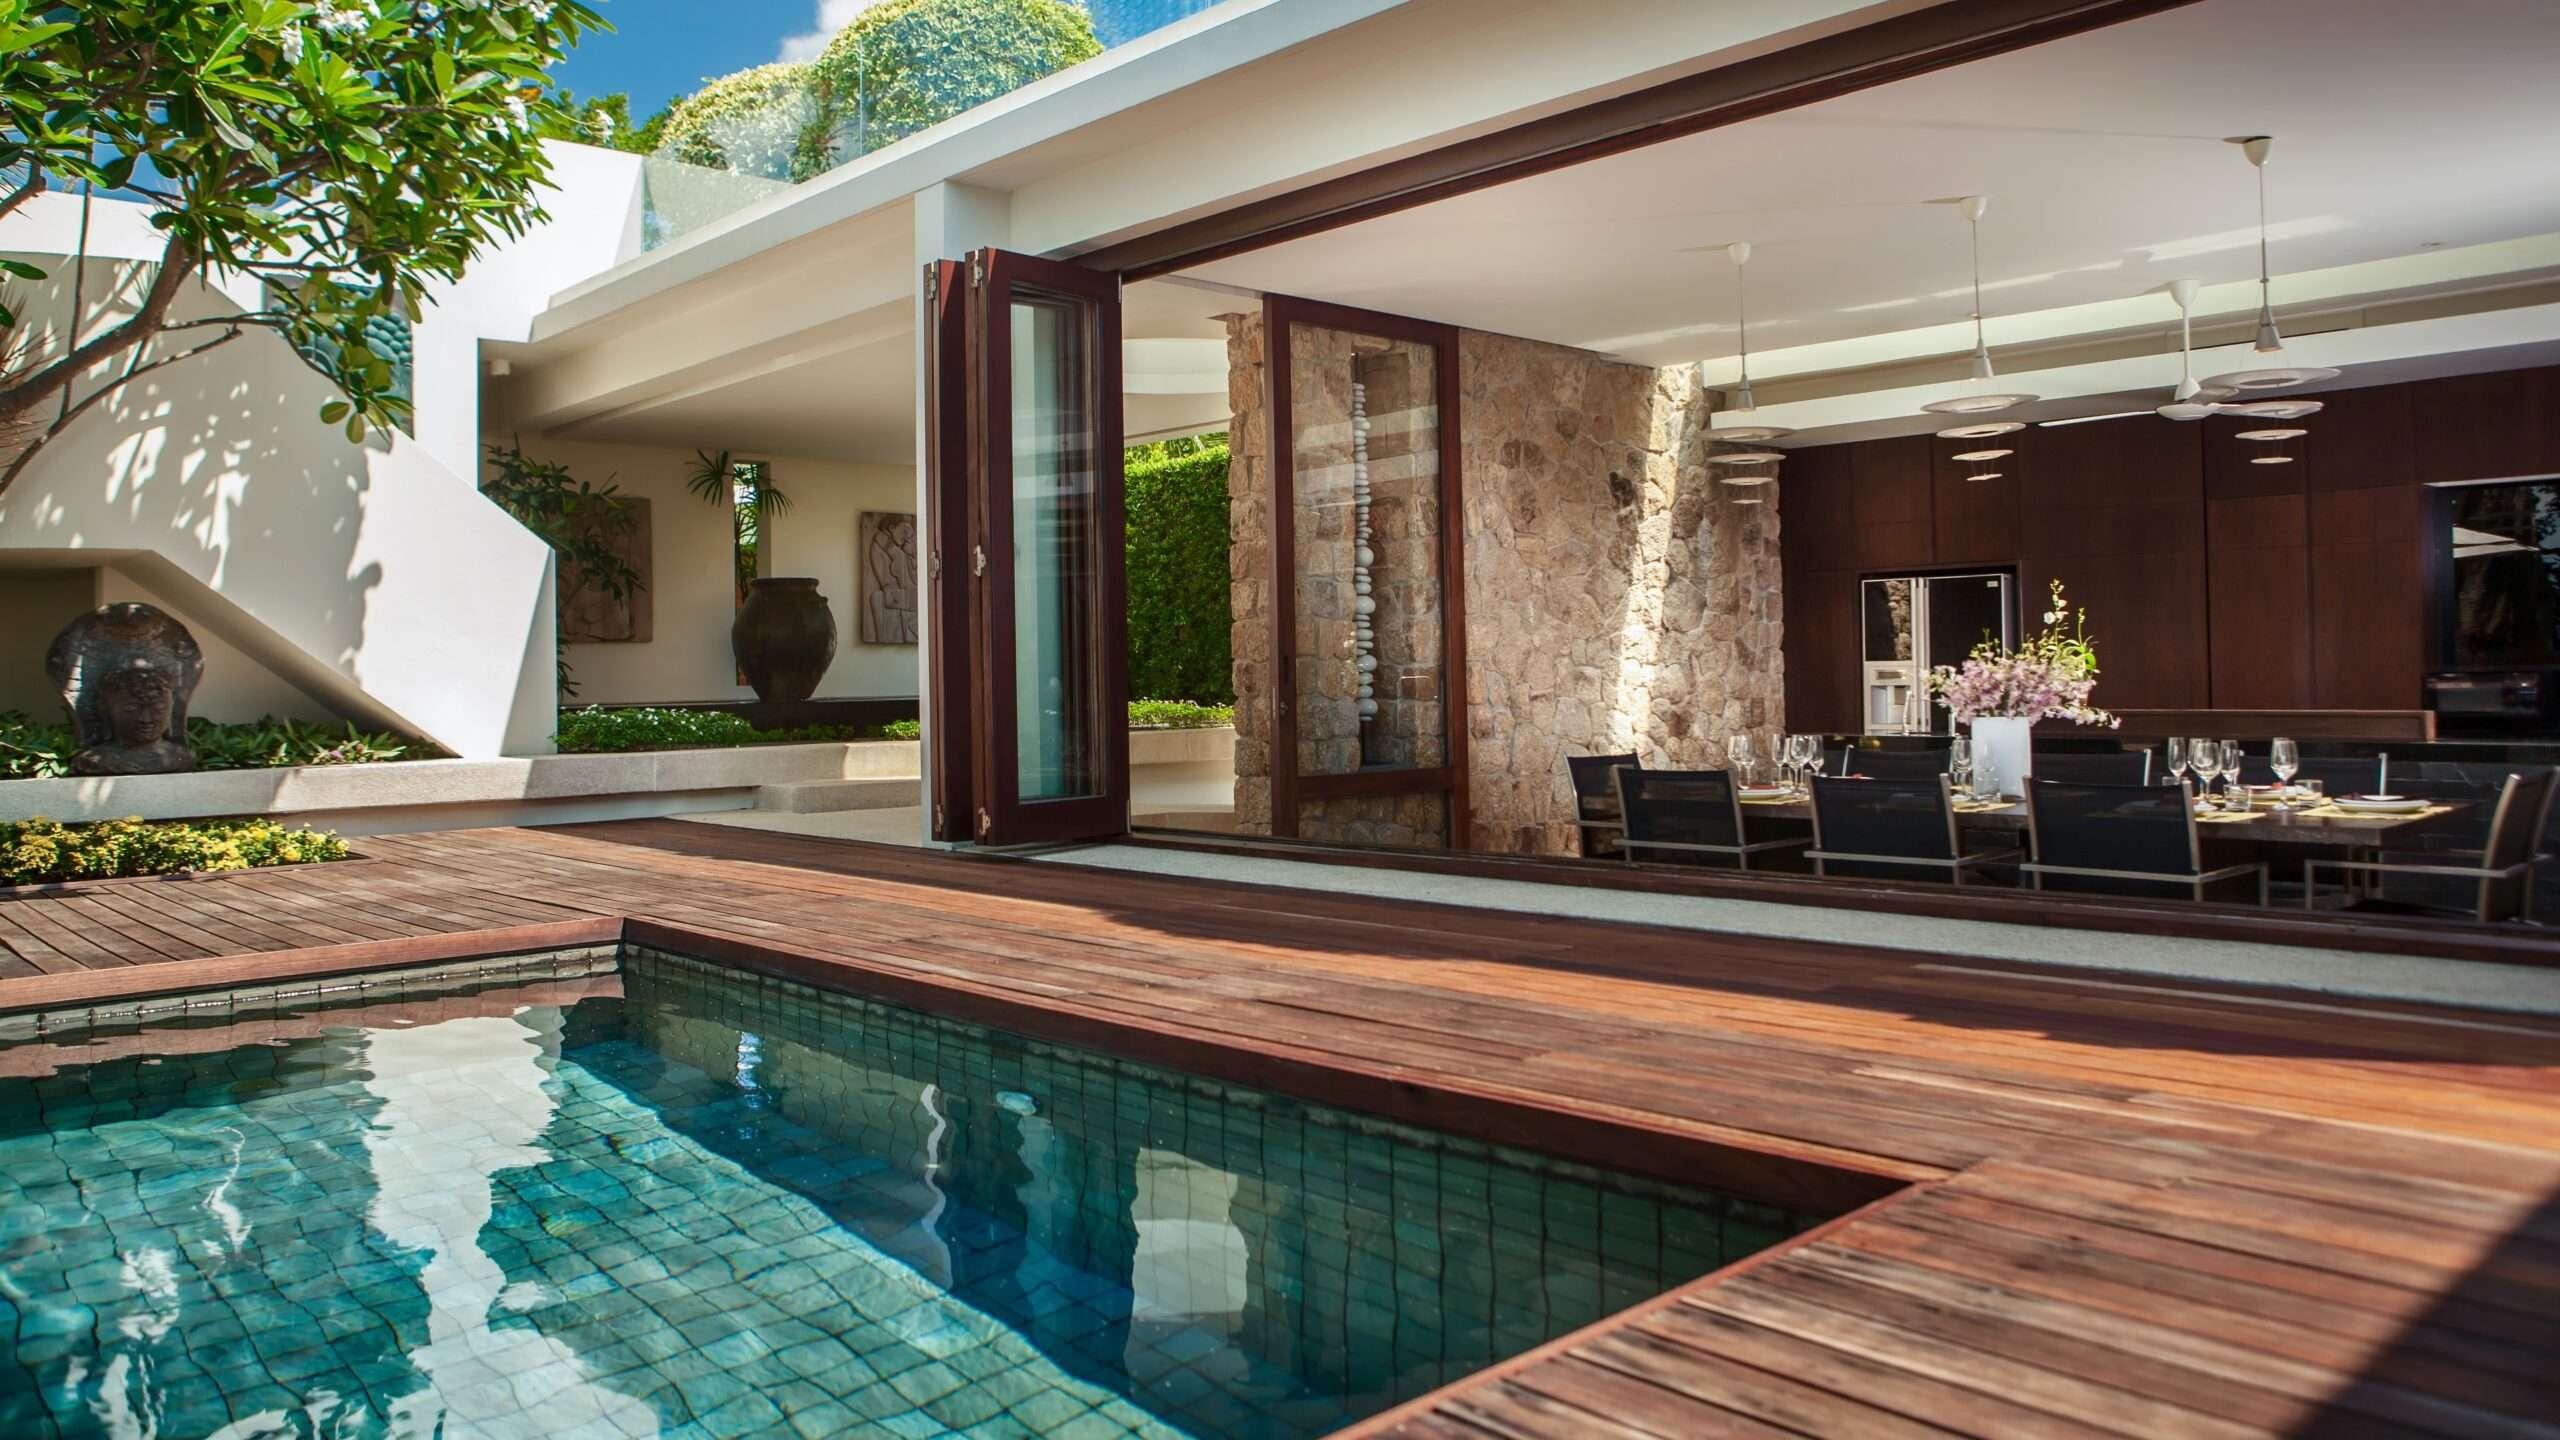 dining area overlooking the pool at Villa Hin Koh Samui